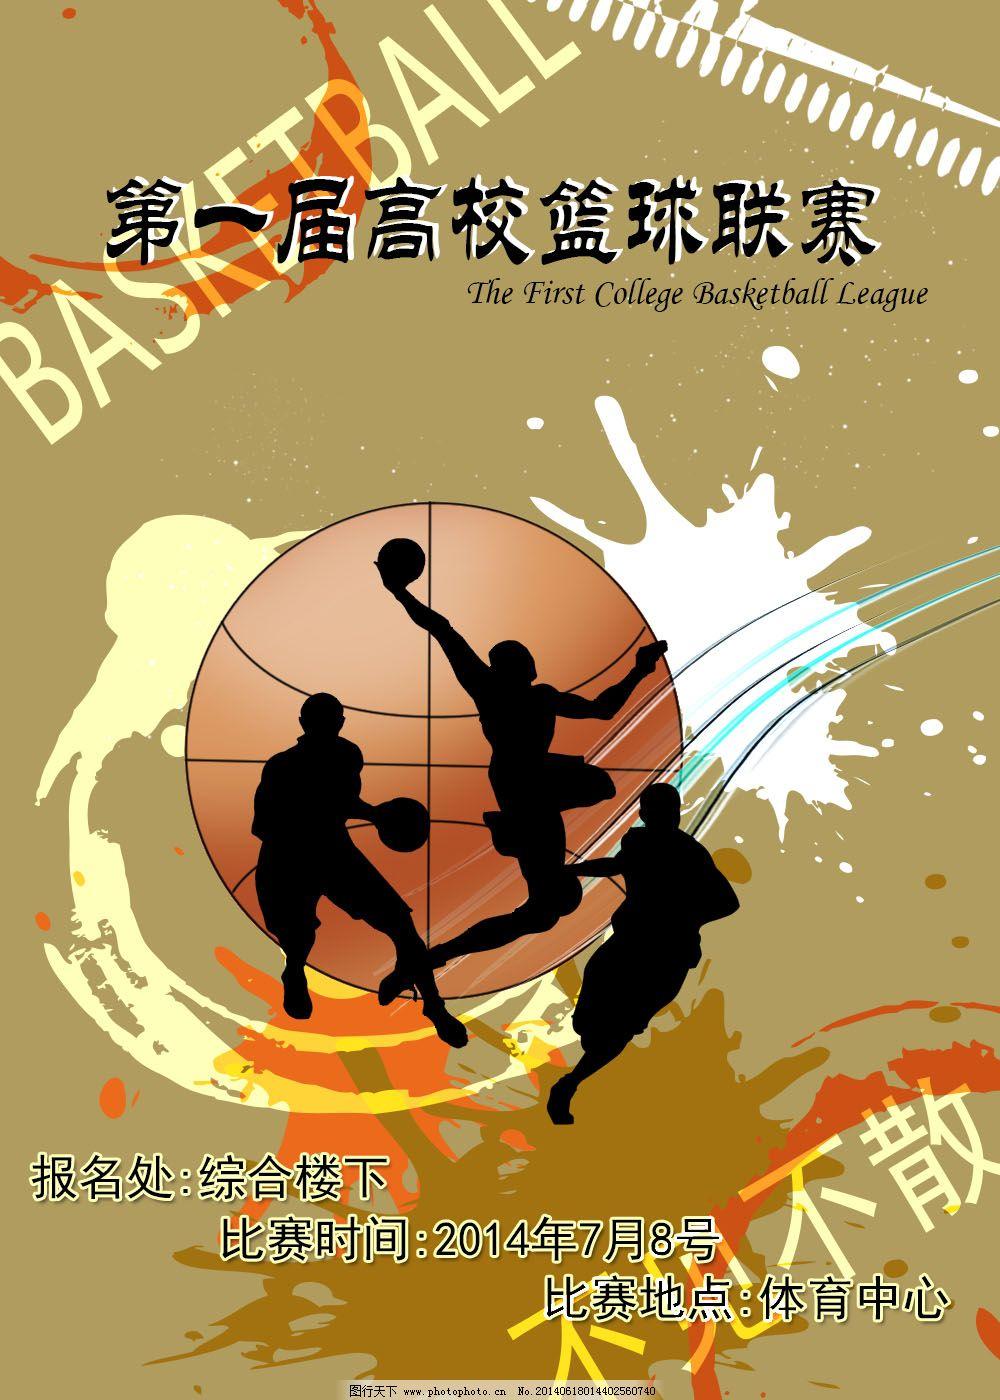 篮球赛海报 篮球赛海报免费下载 比赛 高清 原创 原创设计 原创海报